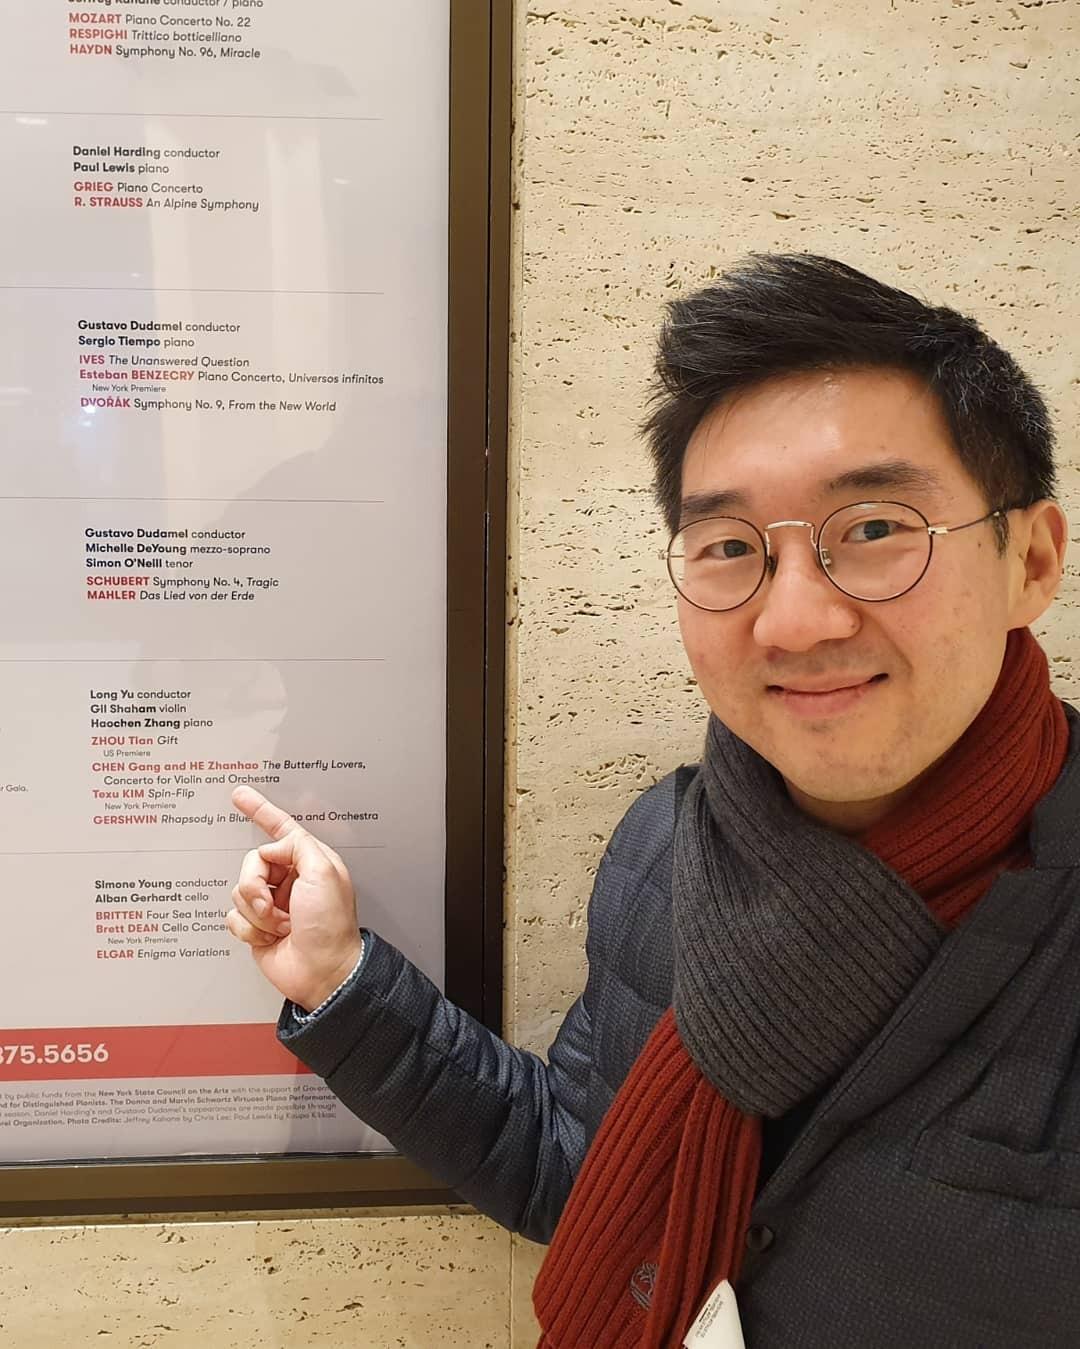 링컨센터를 방문한  자리에서 자신의 곡 홍보포스터를  보고 반가워하는  김택수 작곡가.